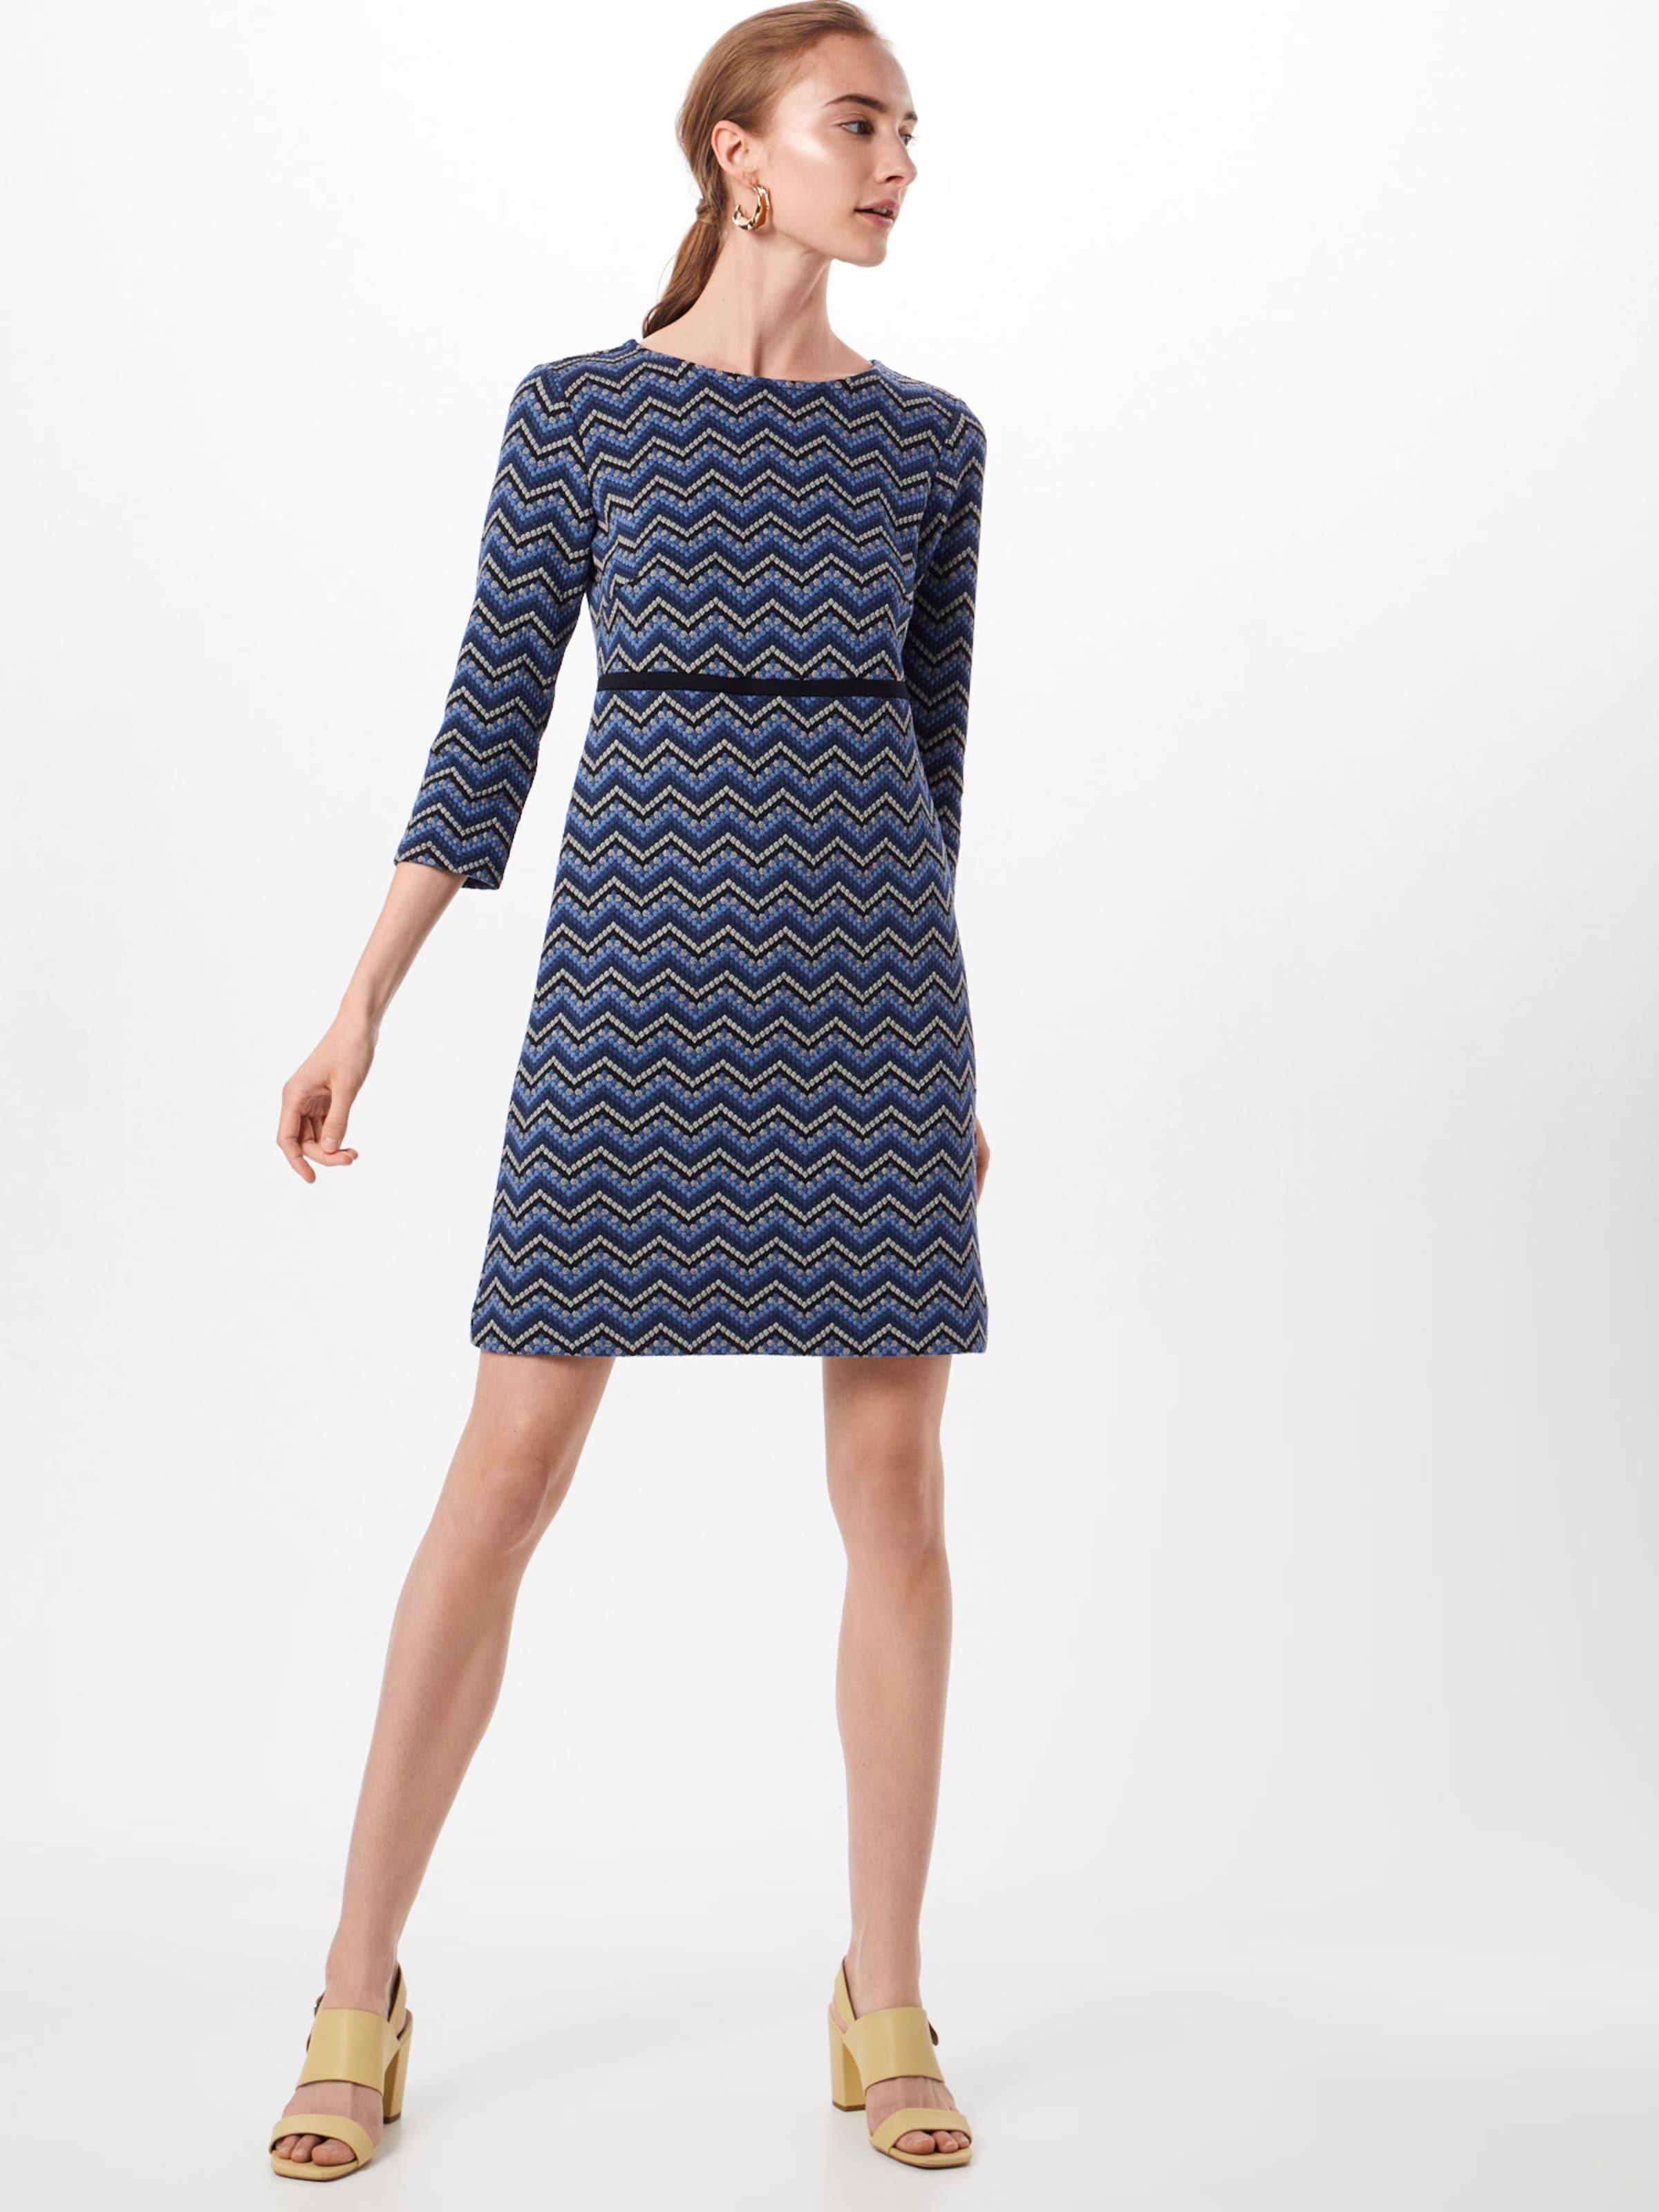 Kleid Kleid BlauMischfarben BlauMischfarben Moreamp; BlauMischfarben Moreamp; In In Moreamp; Moreamp; In Kleid Kleid Rj45q3AL